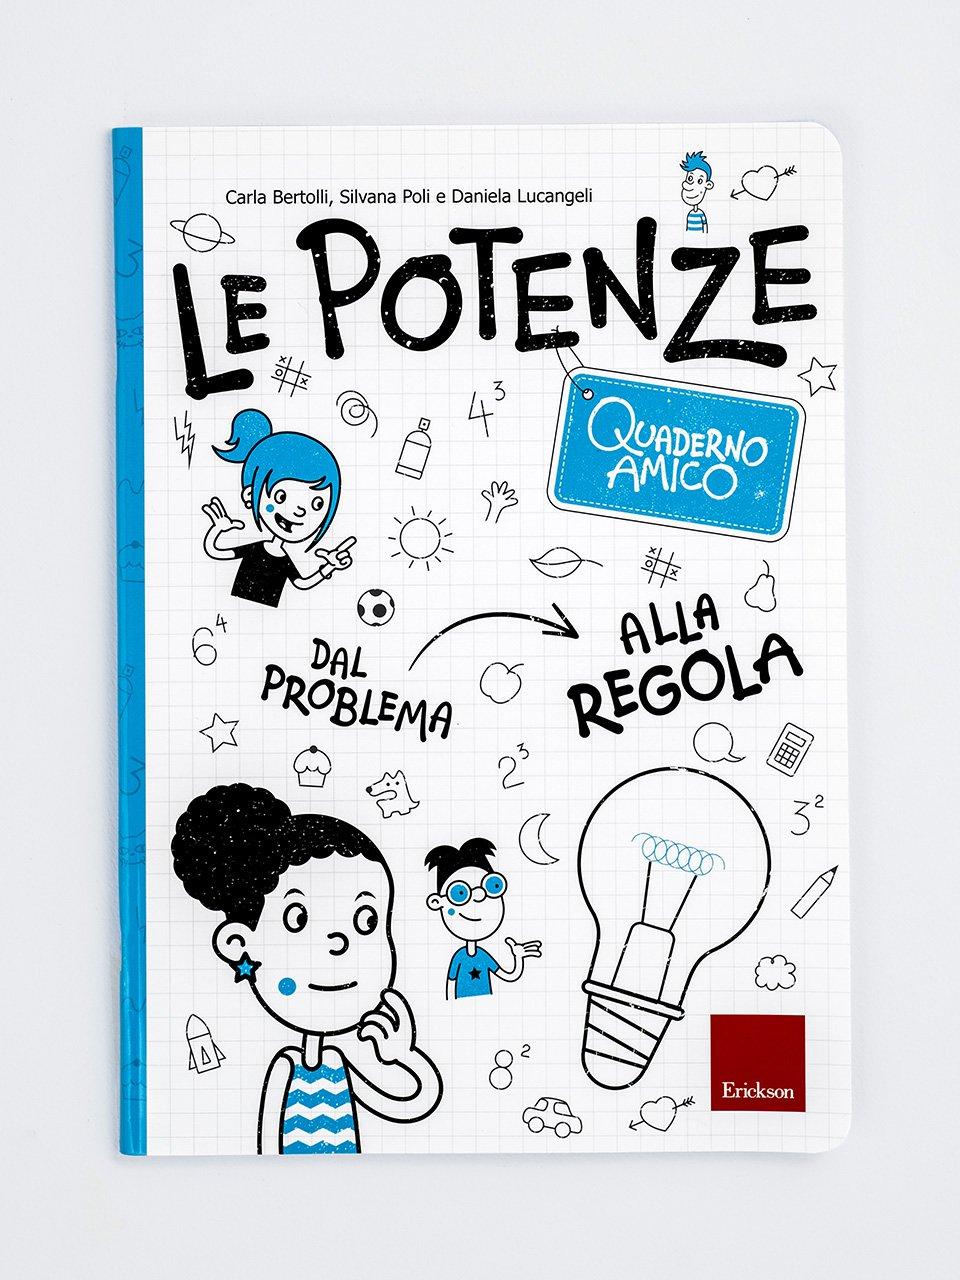 Quaderno amico - Le potenze - Pronti per la matematica della scuola secondaria - Libri - Erickson